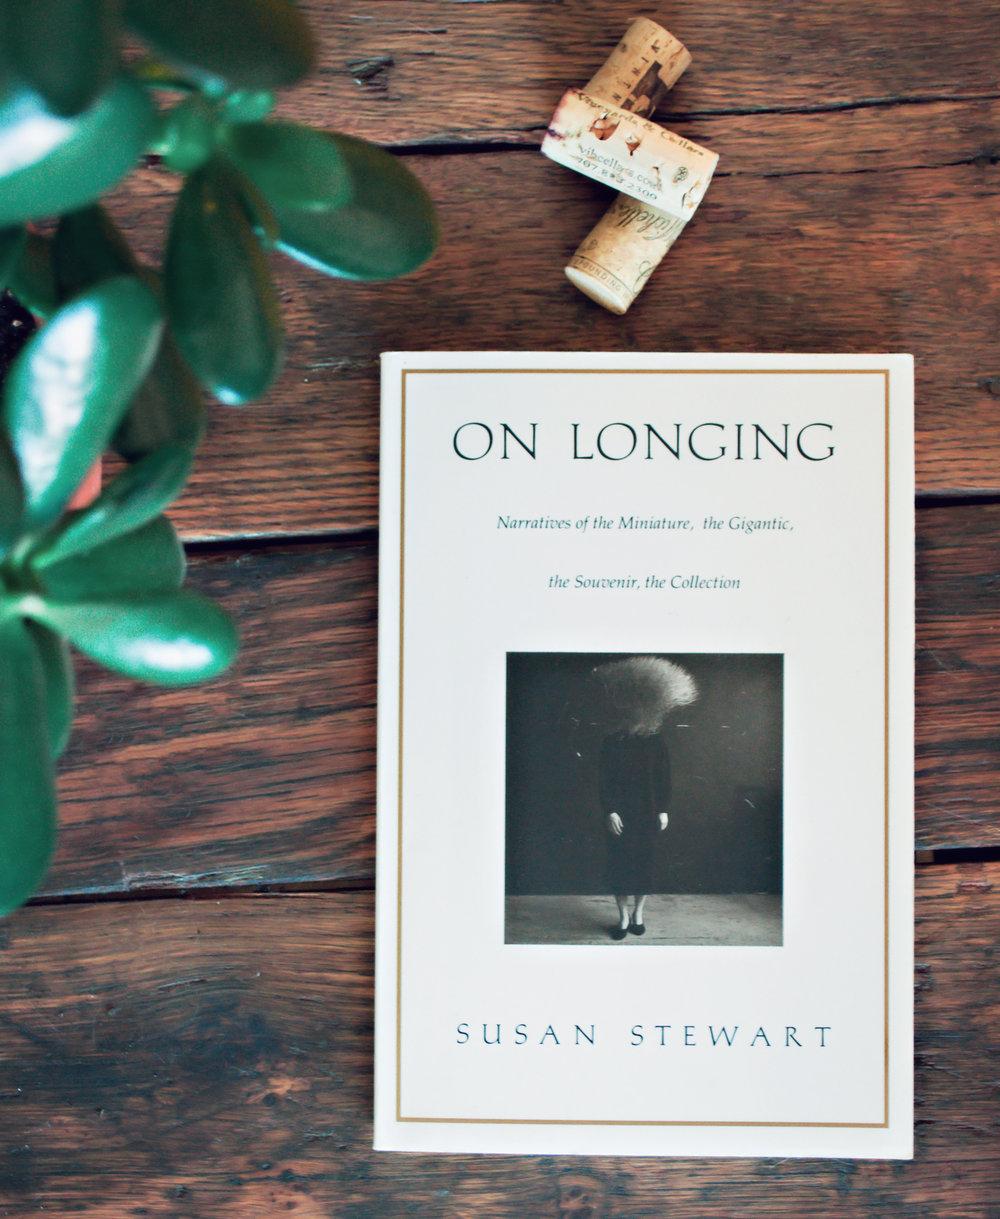 On Longing - Susan stewart